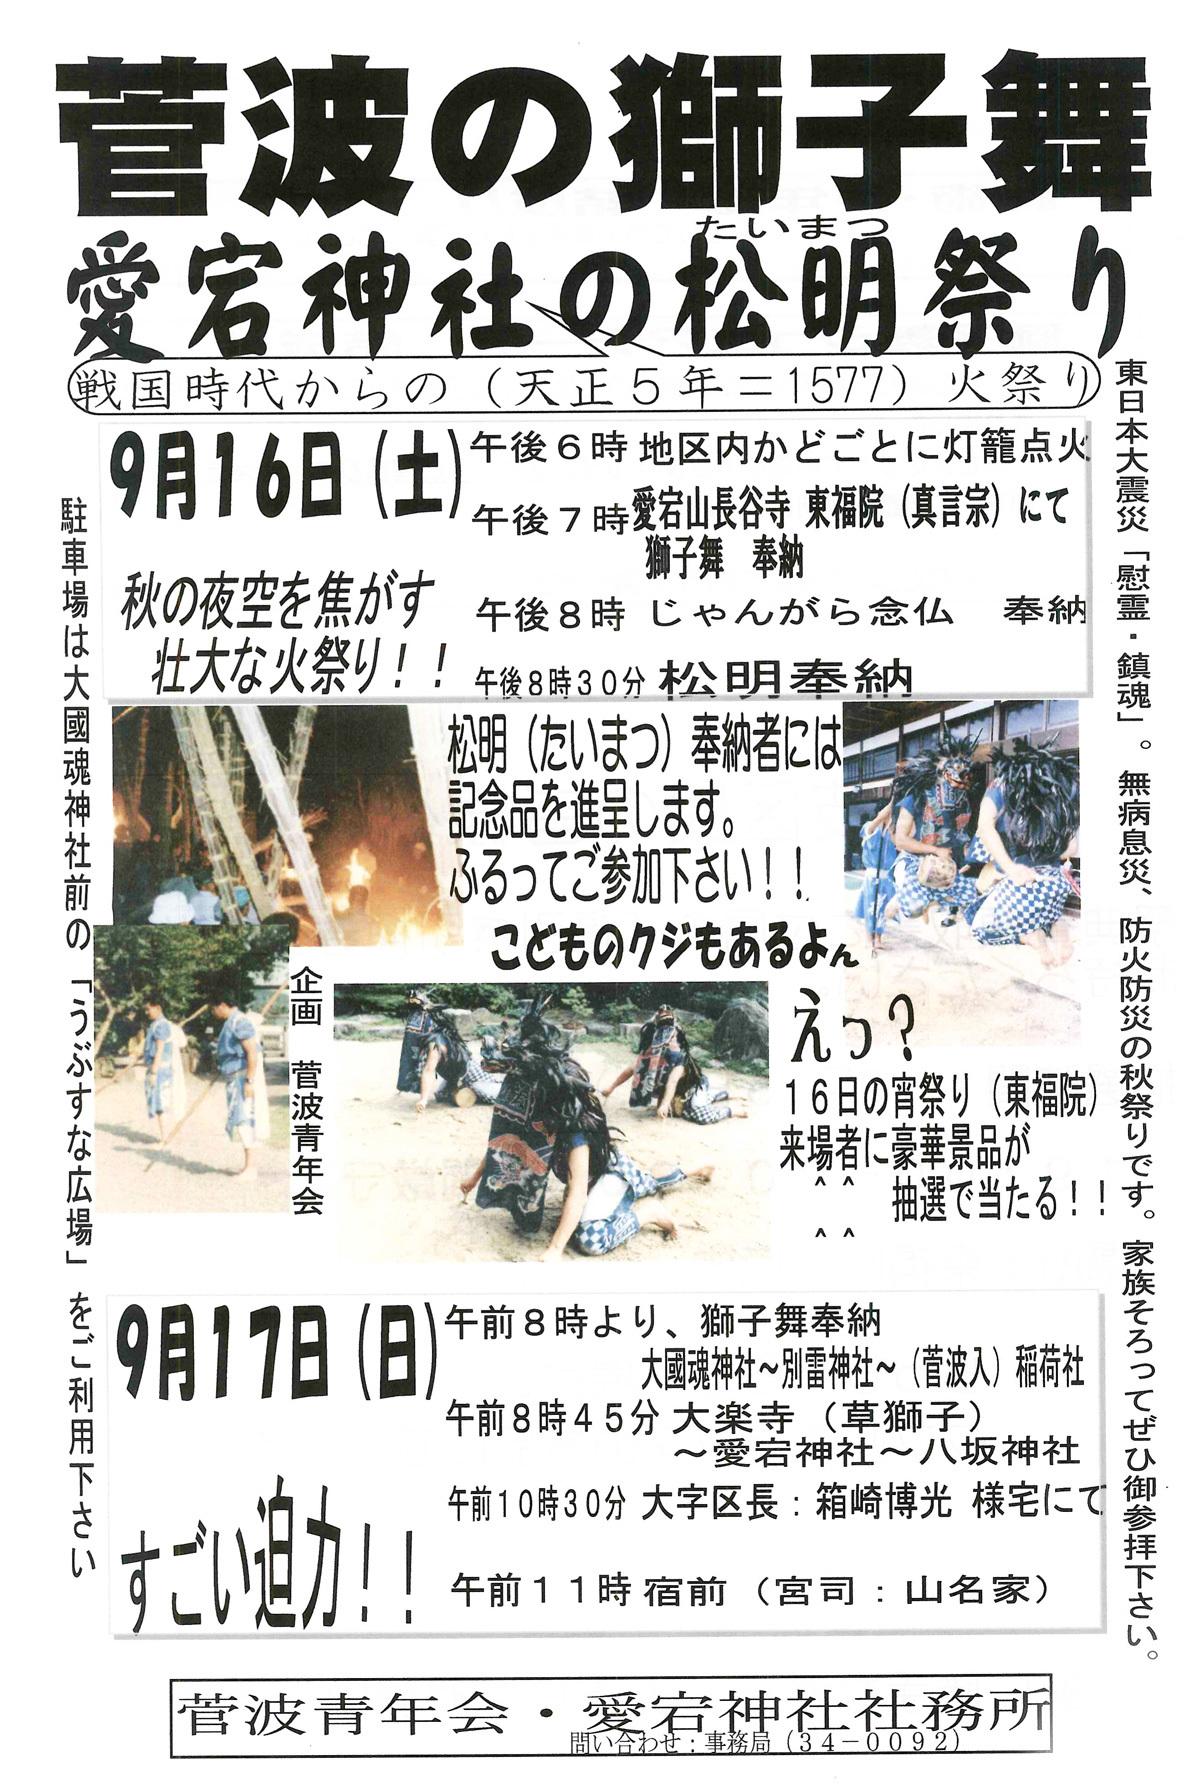 20170916菅波の獅子舞(愛宕神社の松明祭り)